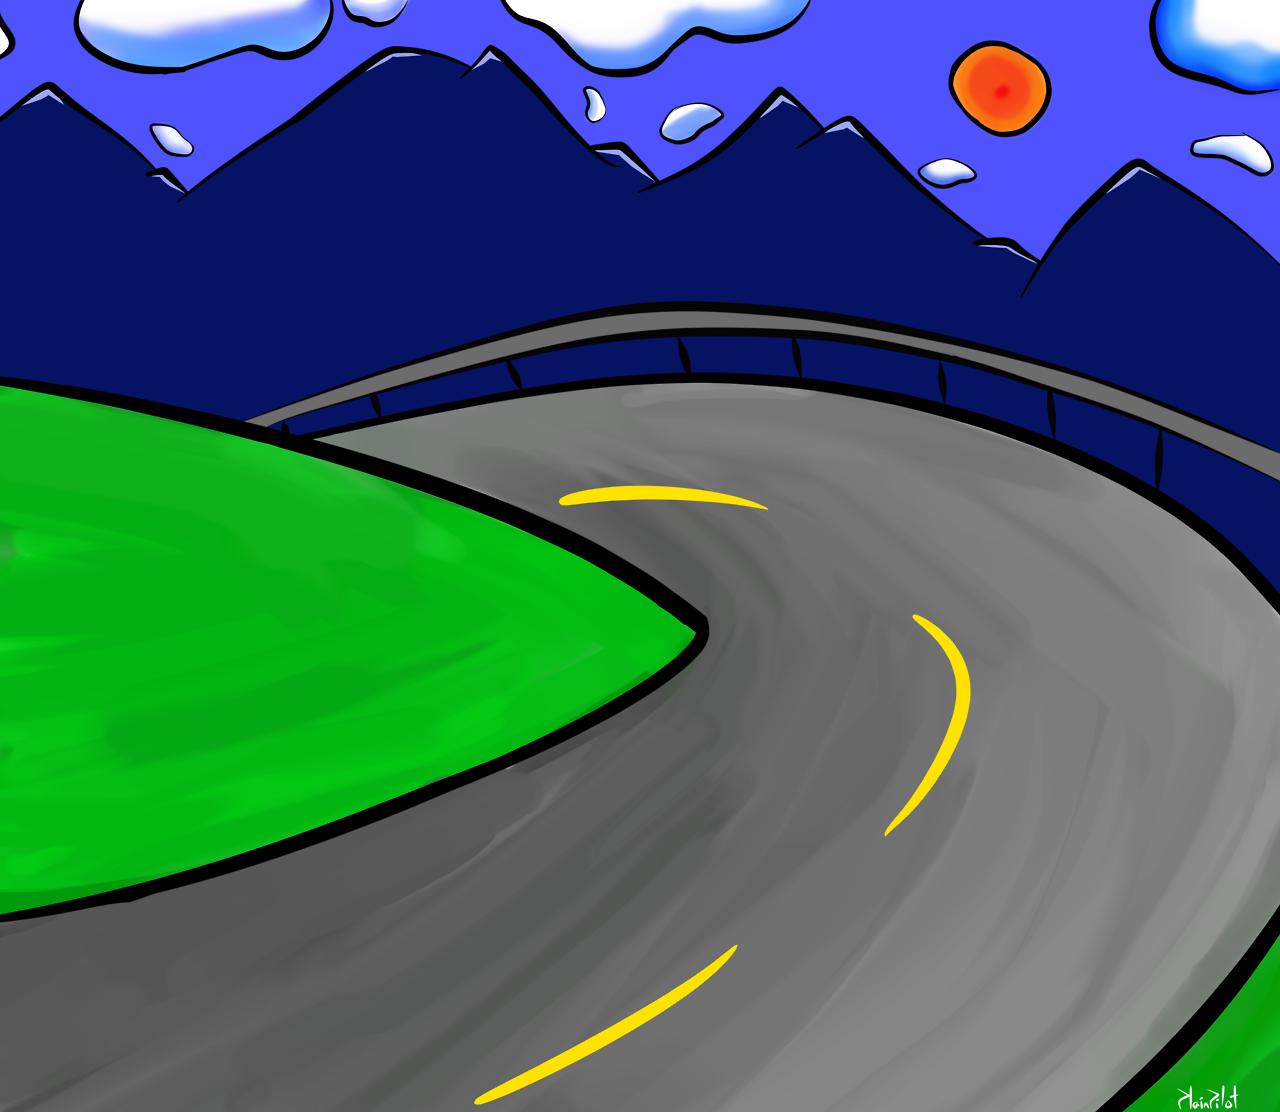 Road Background by PlainPilot